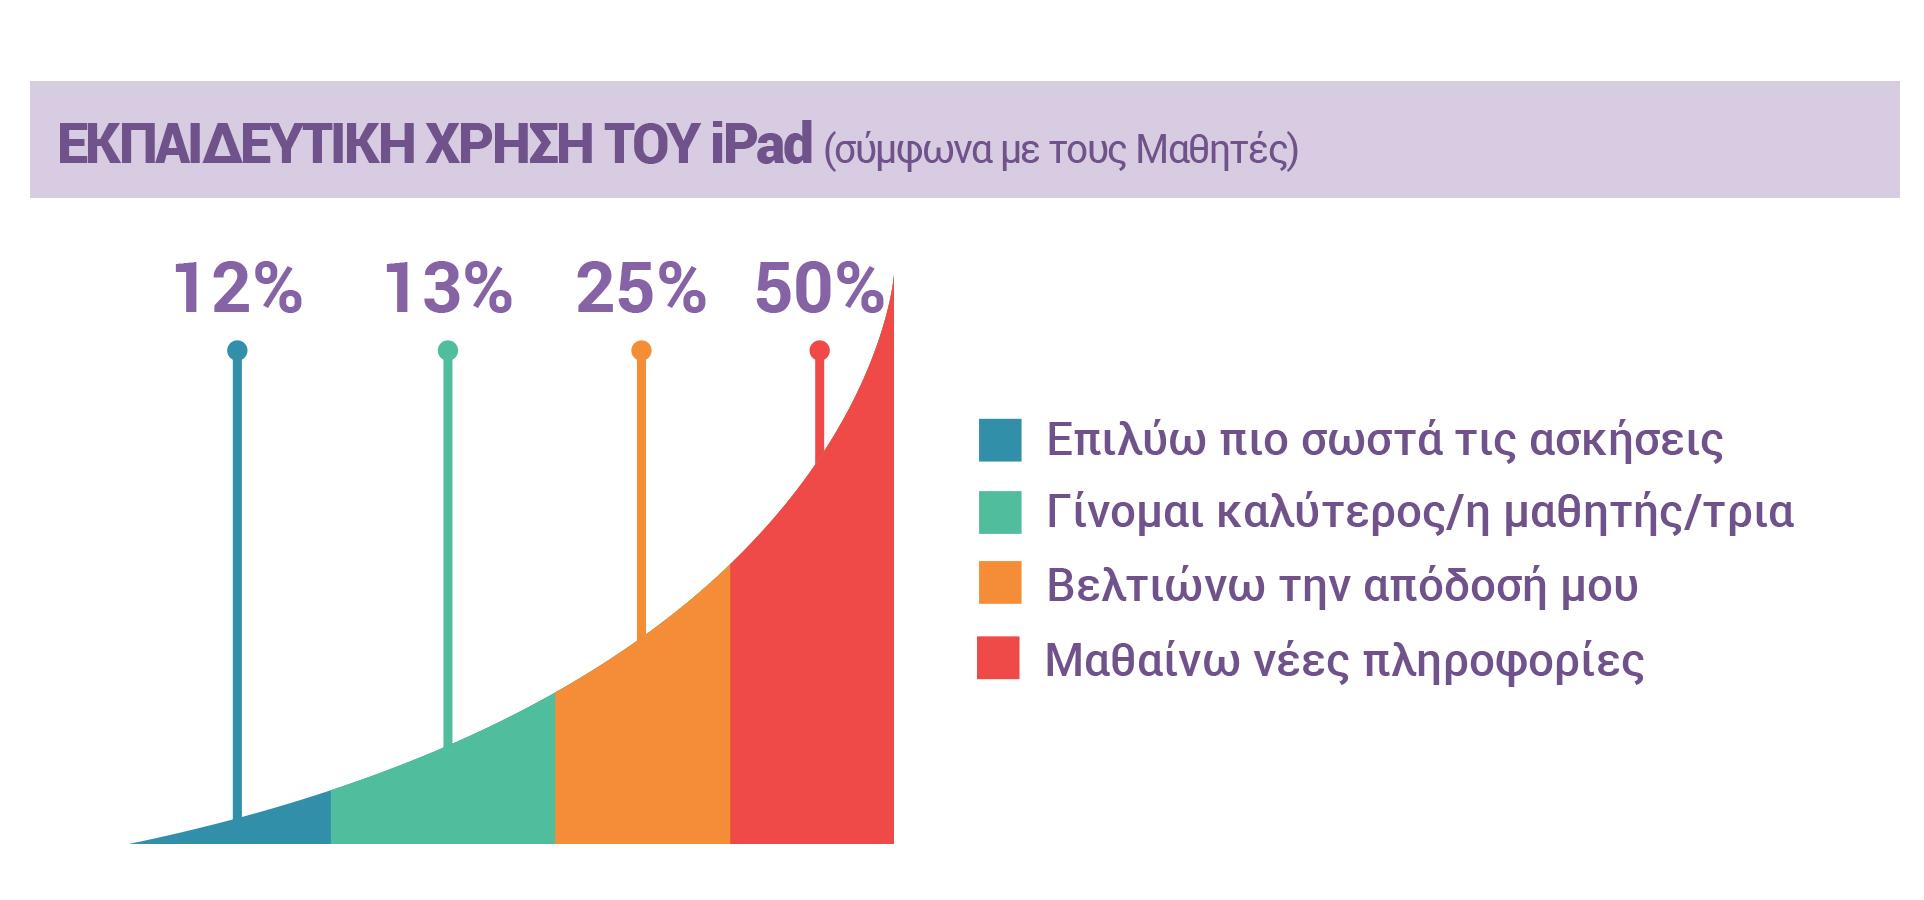 ΕΚΠΑΙΔΕΥΤΙΚΗ ΧΡΗΣΗ ΤΟΥ iPad (σύμφωνα με τους Μαθητές) 12% Επιλύω πιο σωστά τις ασκήσεις, 13% Γίνομαι καλύτερος/η μαθητής/τρια, 25% Βελτιώνω την απόδοσή μου, 50% Μαθαίνω νέες πληροφορίες